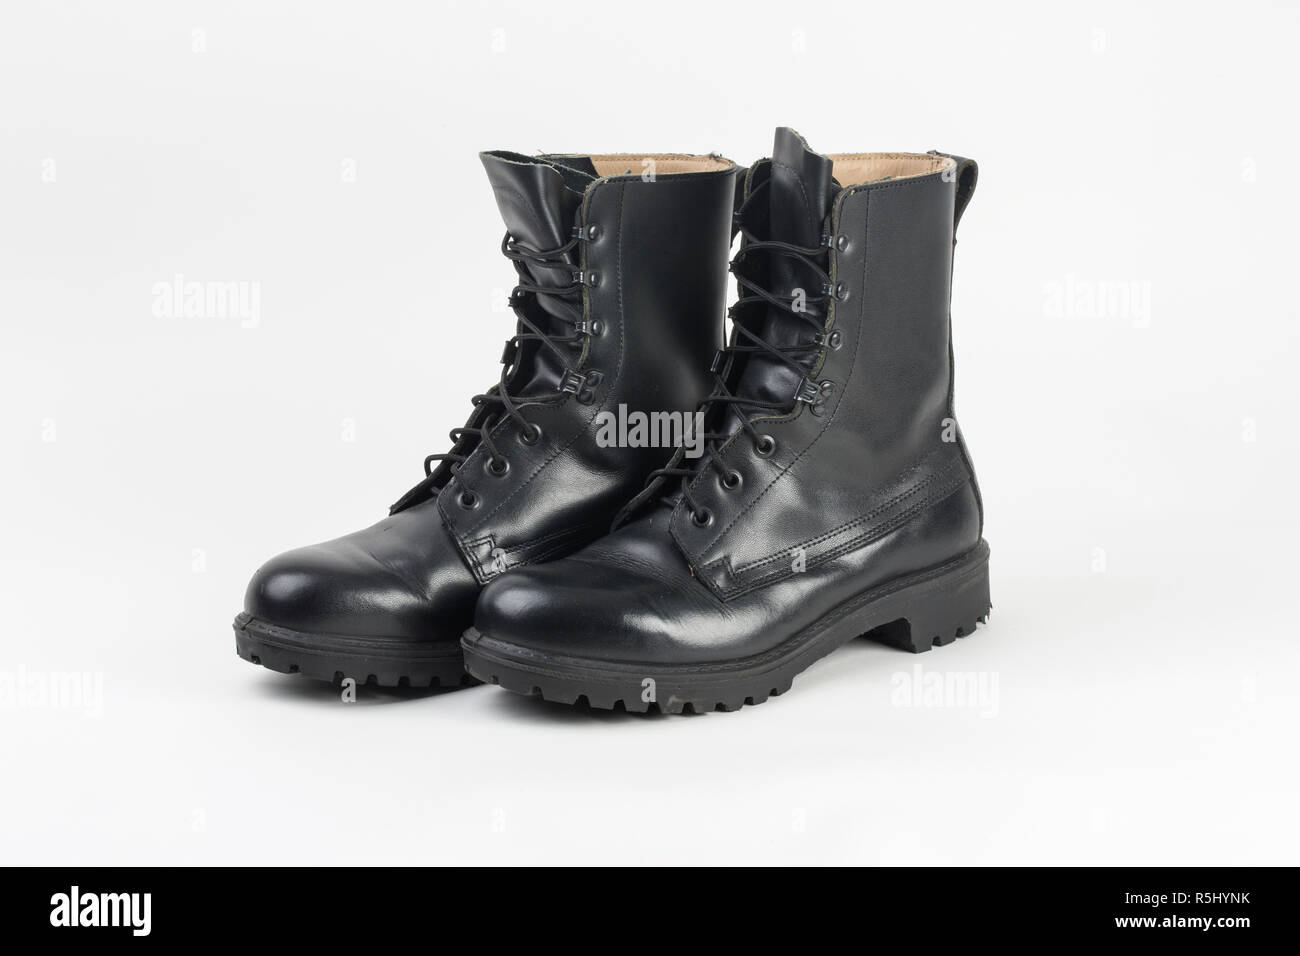 Paar Schwarze Armee Stiefel Auf Holz Stockfoto und mehr